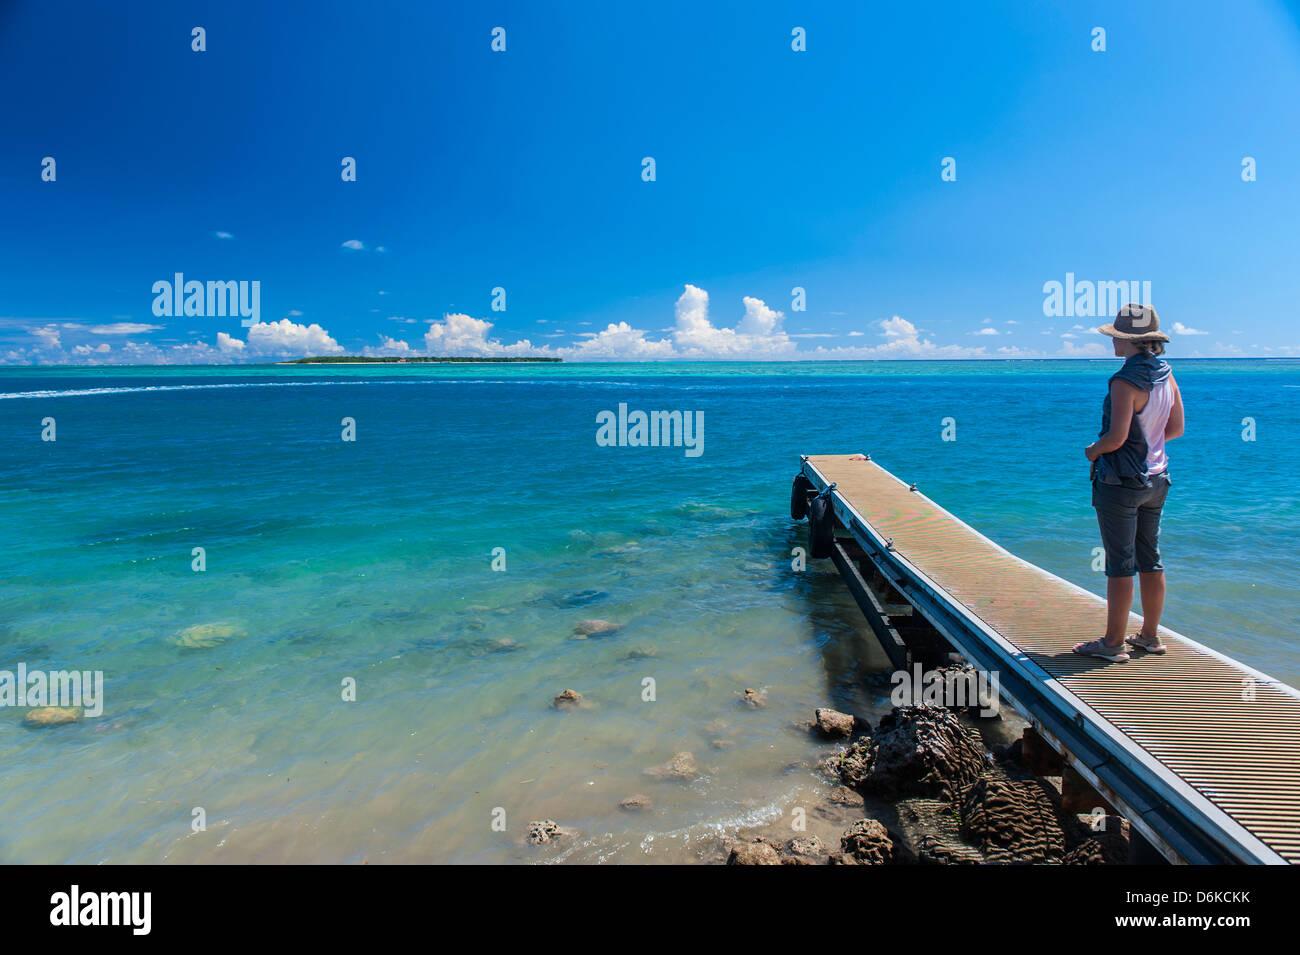 Touristen stehen auf einem kleinen Pier mit Cocos Island in der Ferne, Guam, US-Territorium, Central Pacific, Pazifik Stockbild